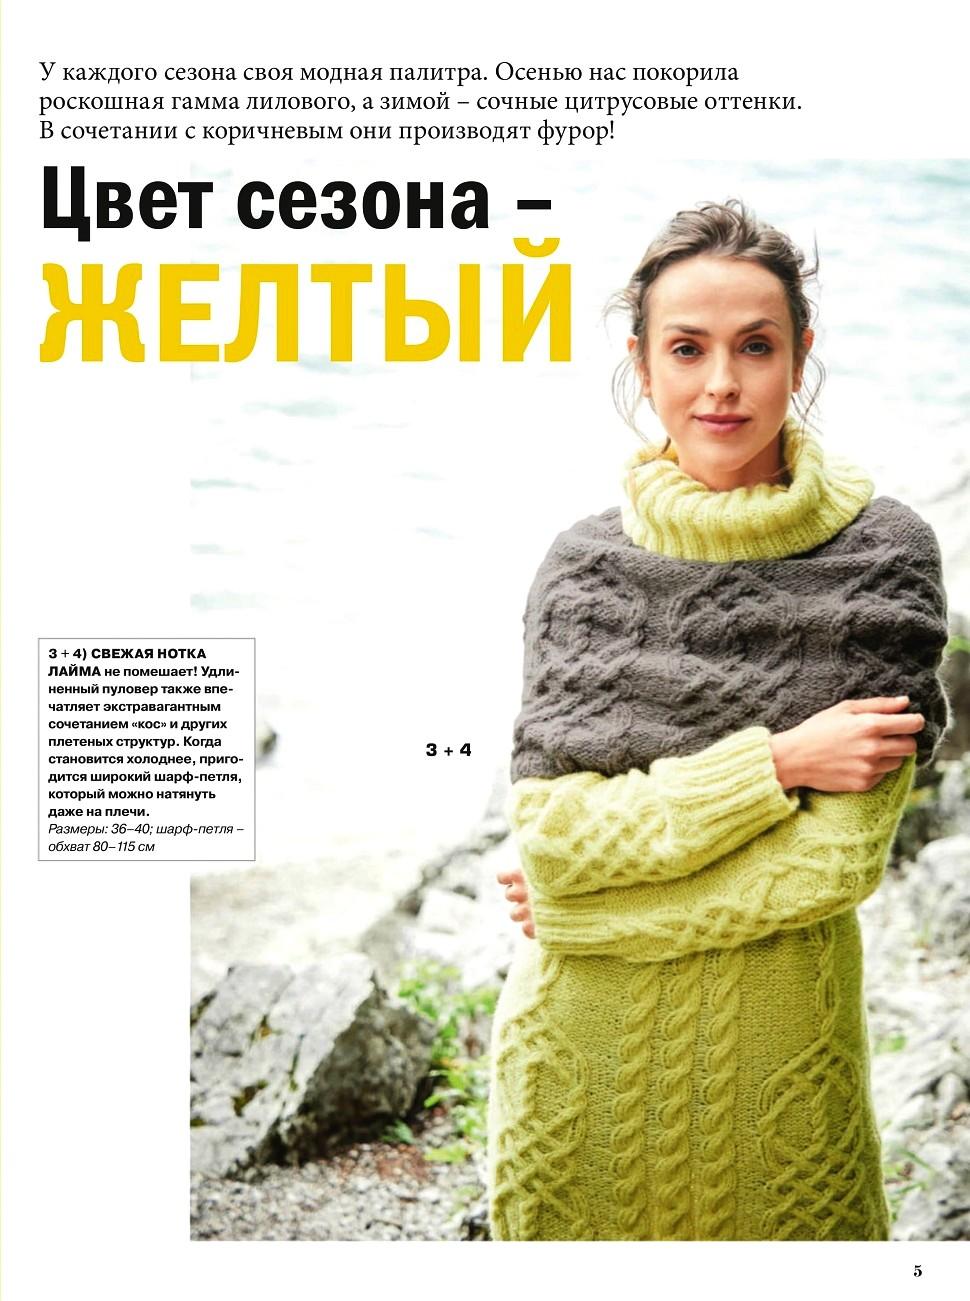 sabrin0119-05